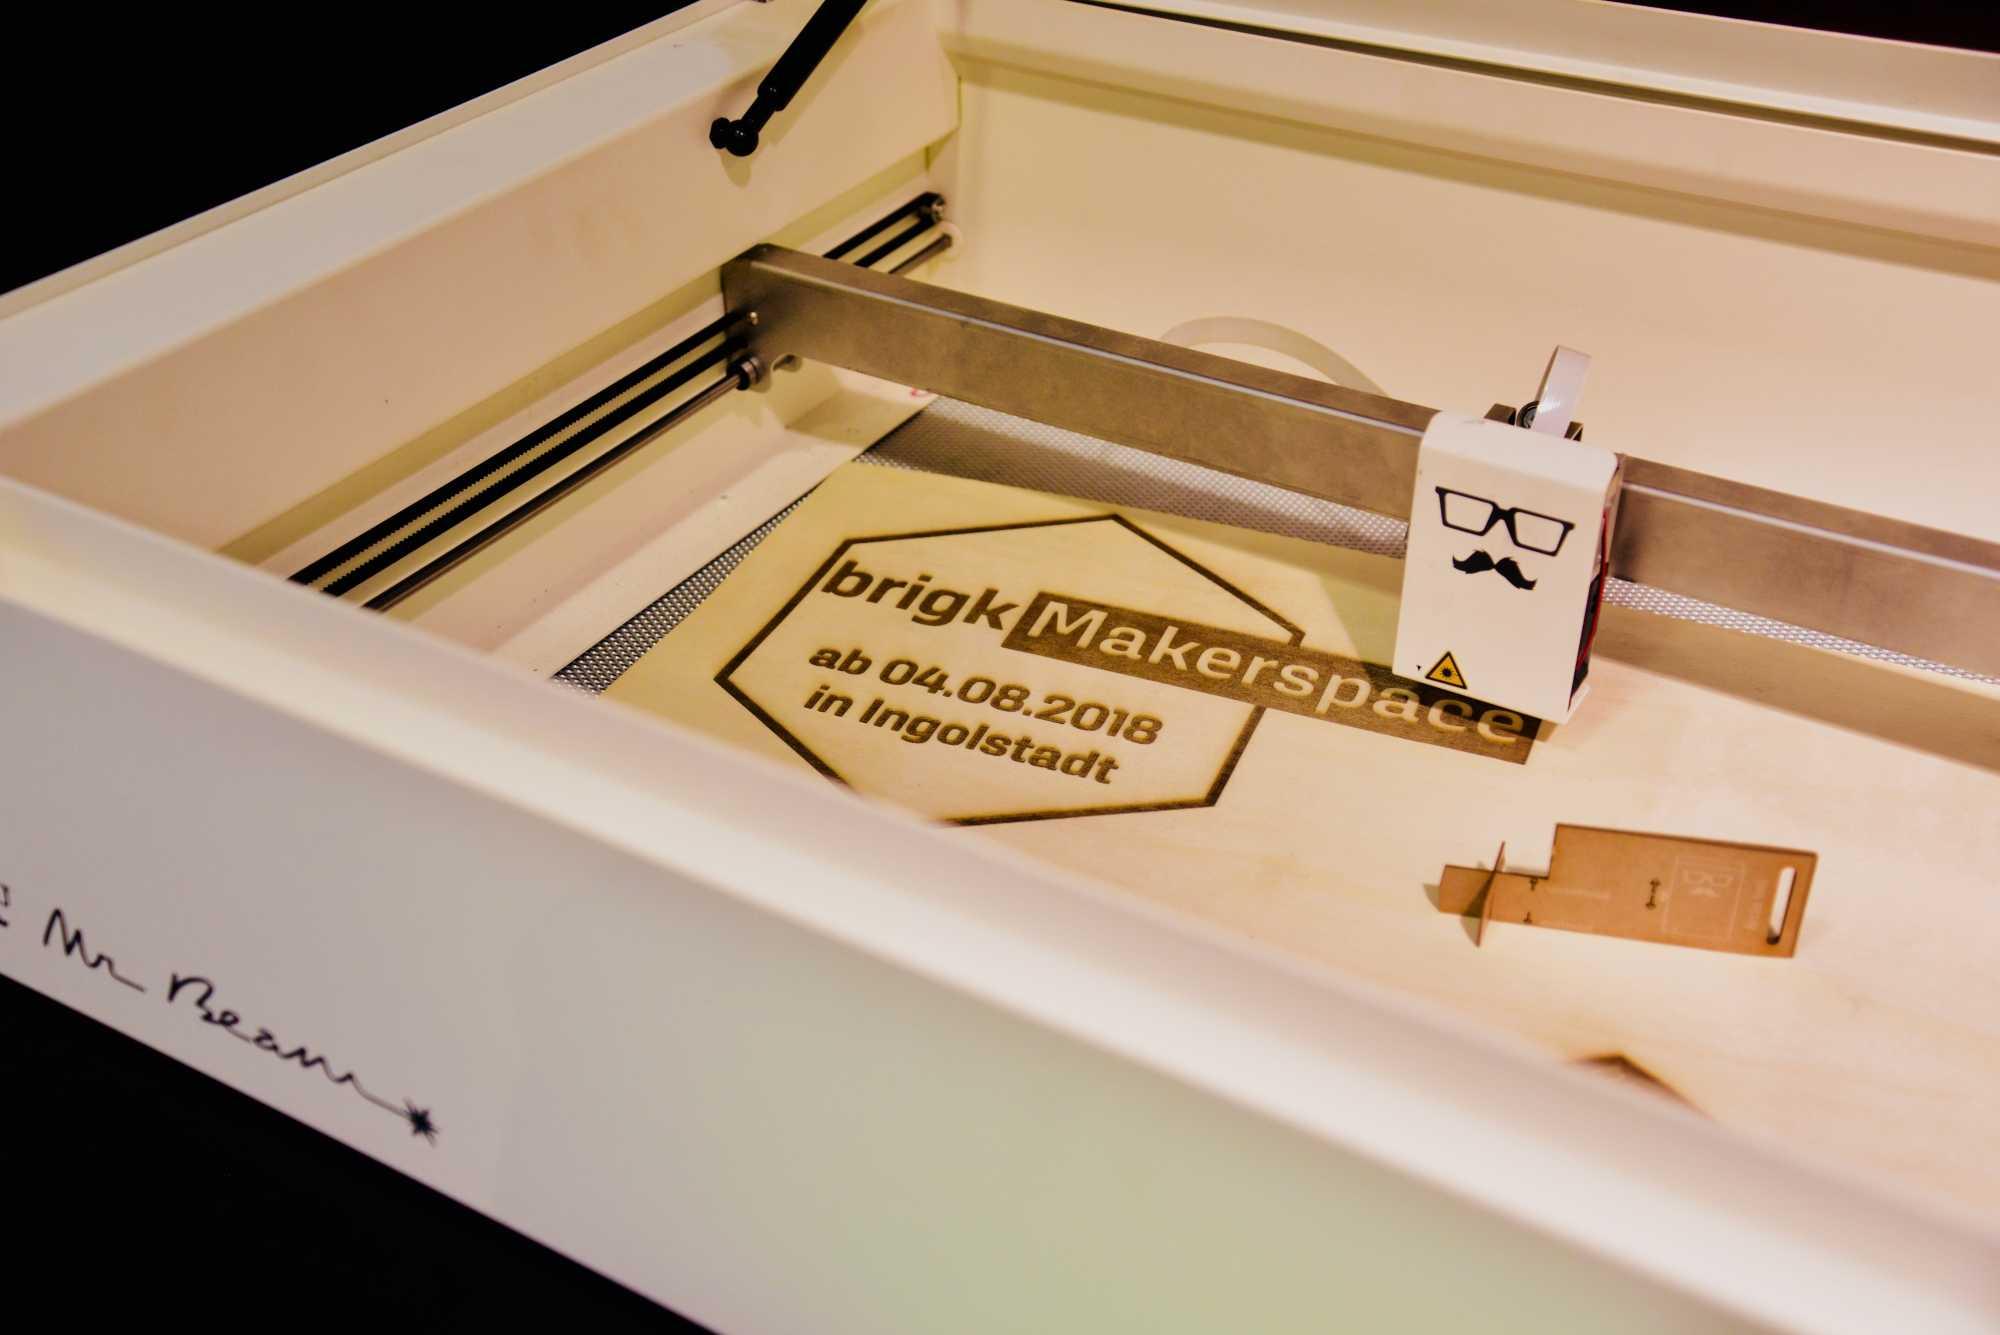 Eröffnung brigk Makerspace Ingolstadt: Einladung im Lasercutter